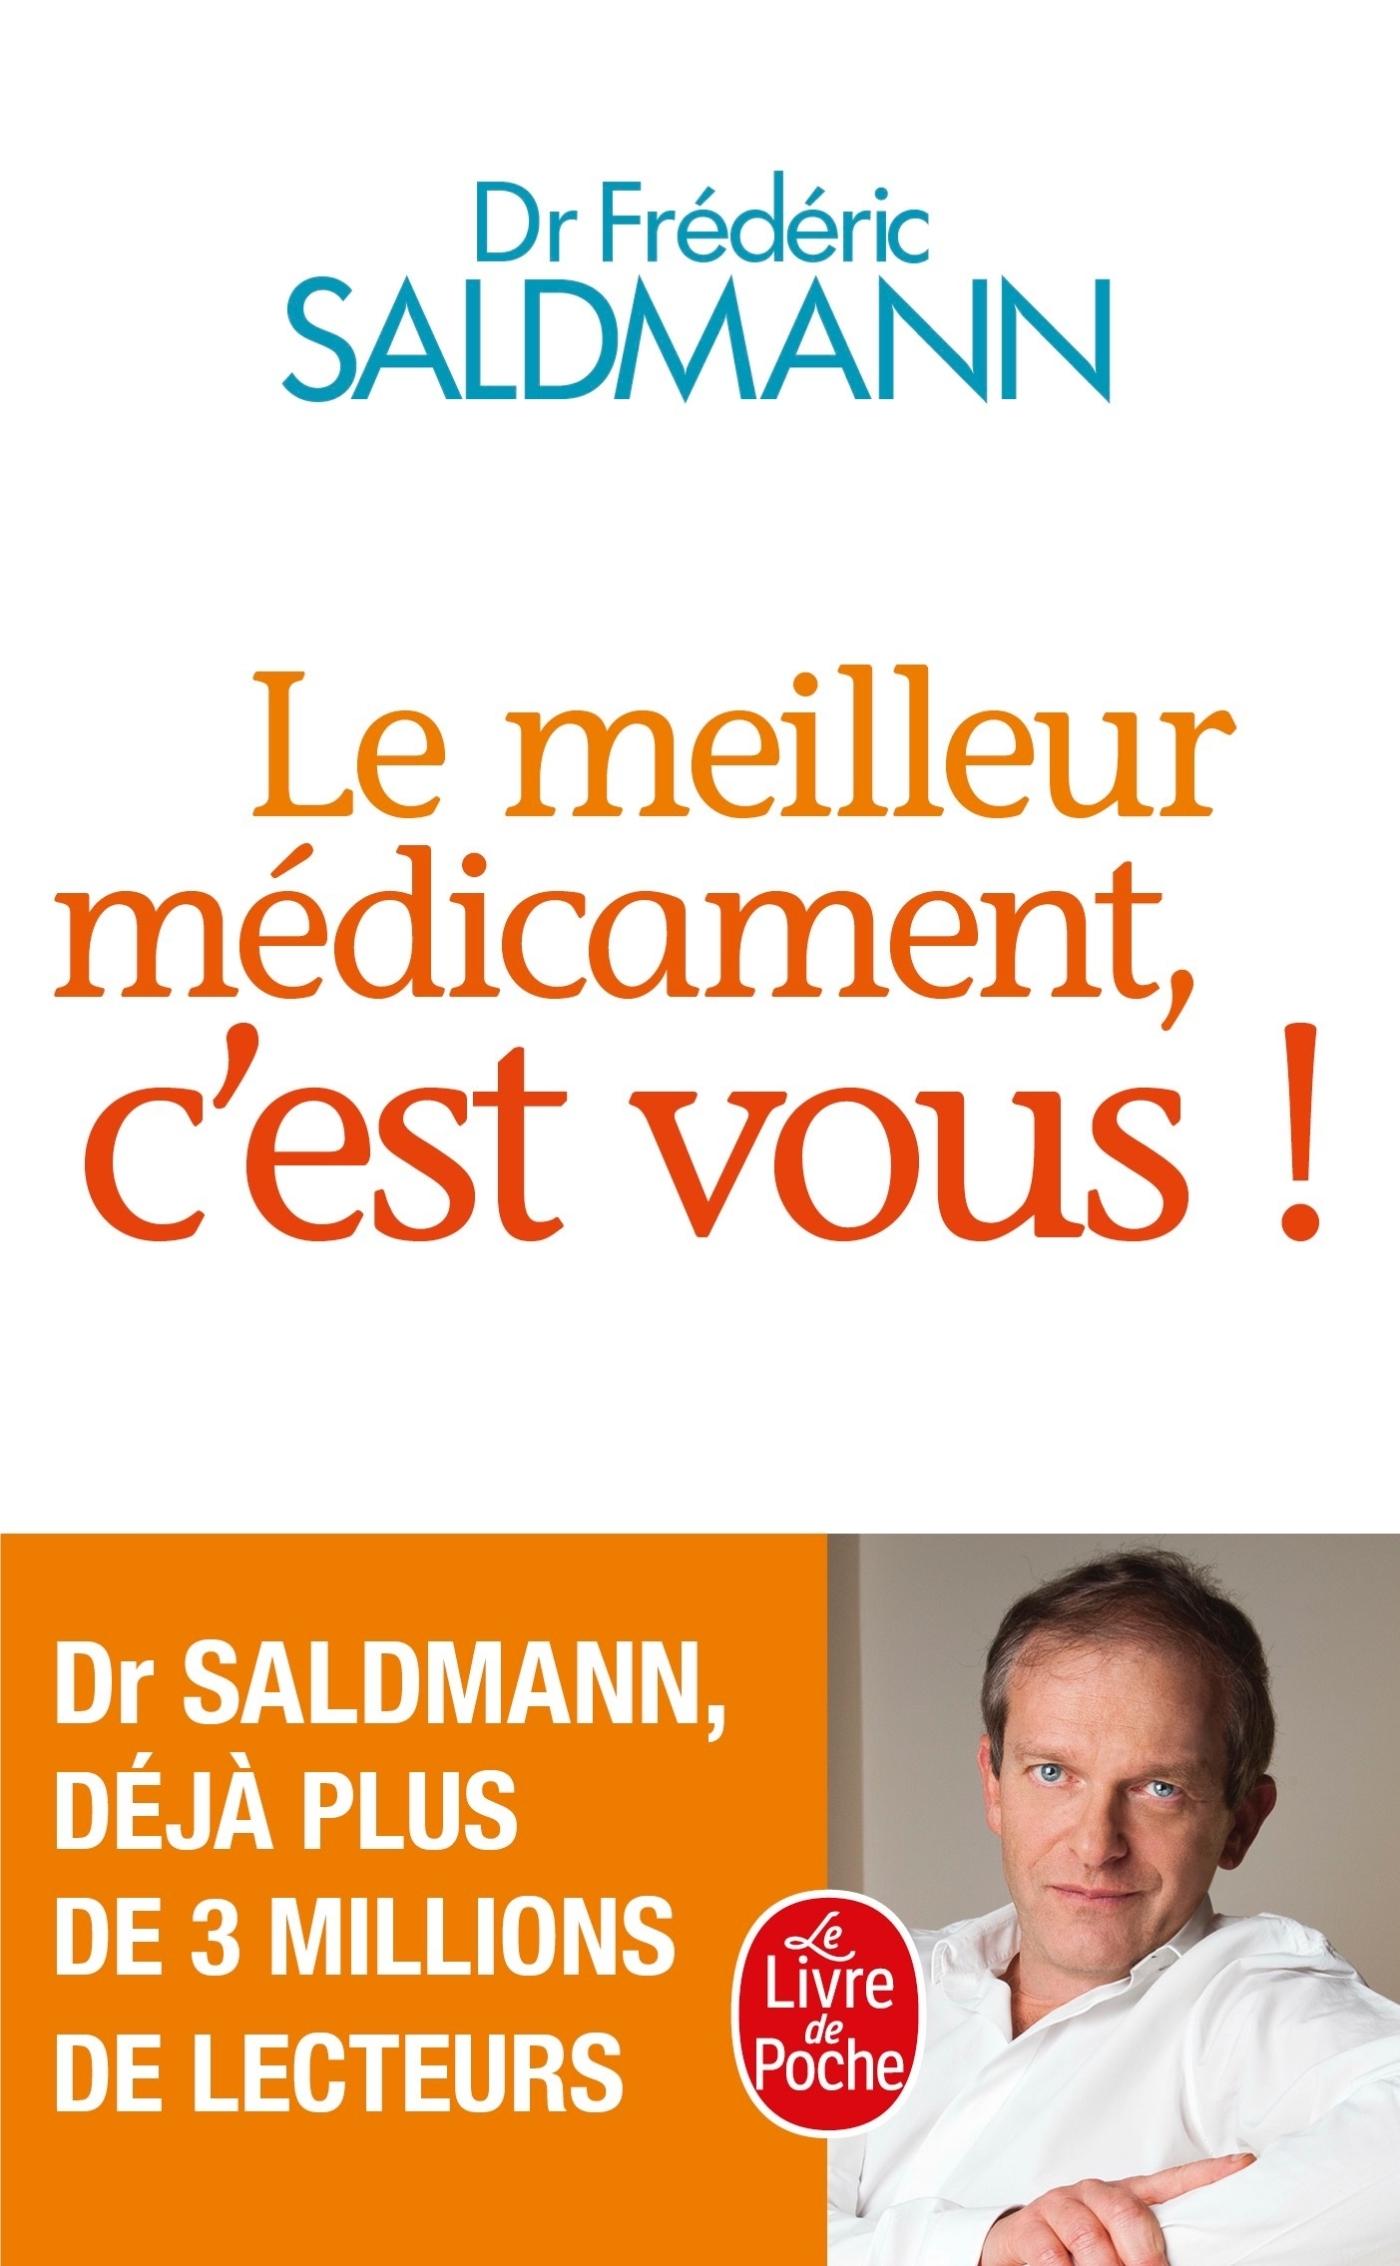 LE MEILLEUR MEDICAMENT, C'EST VOUS !